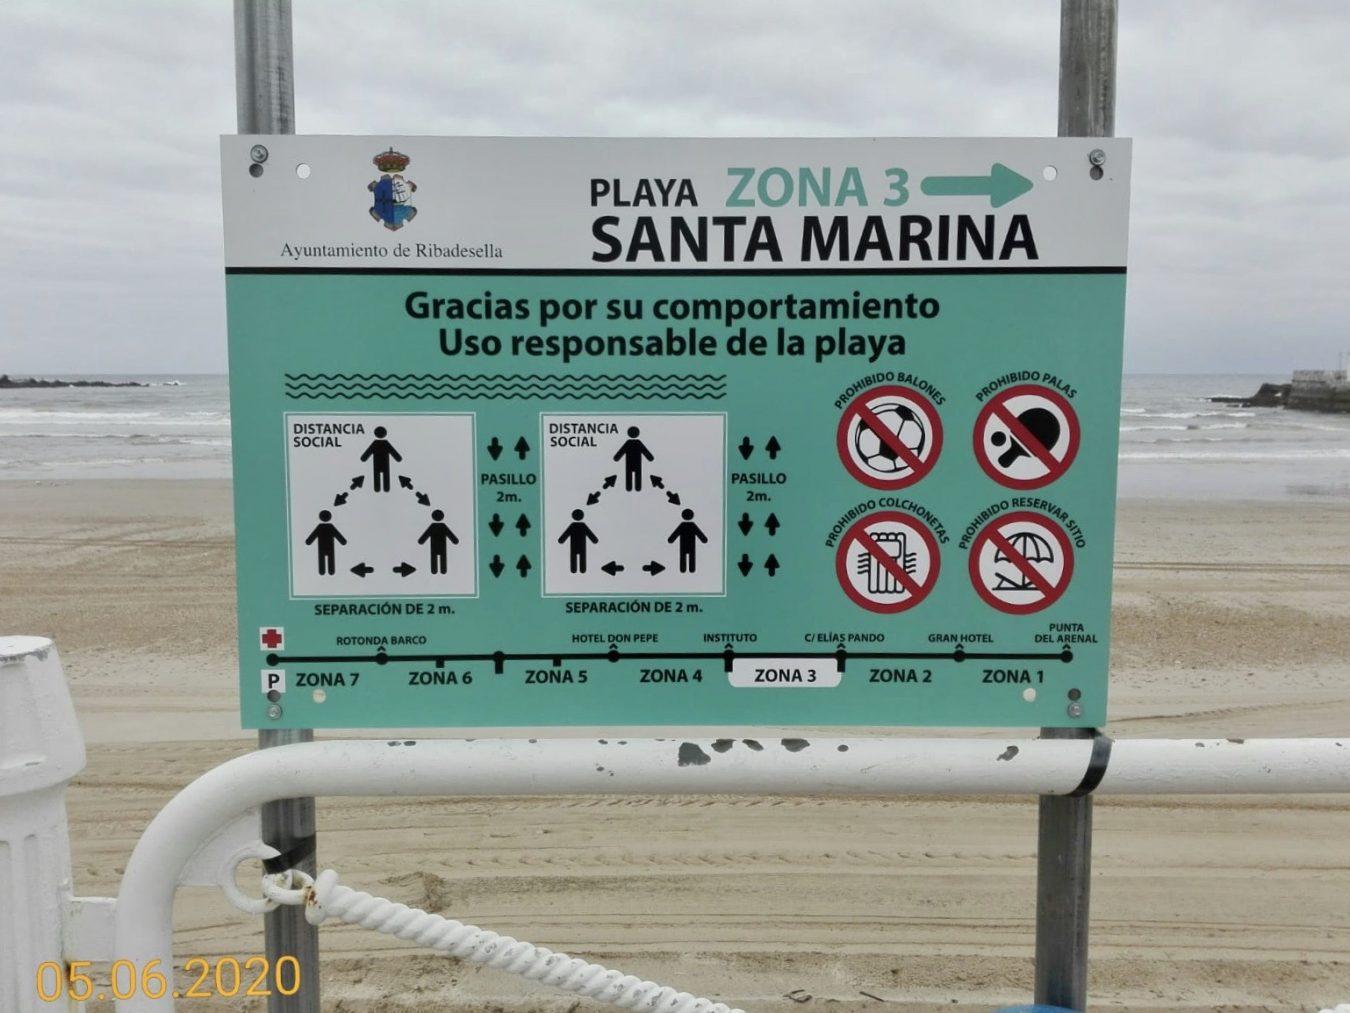 Este verano estará prohibido jugar a las palas y al balón en la playa de Ribadesella